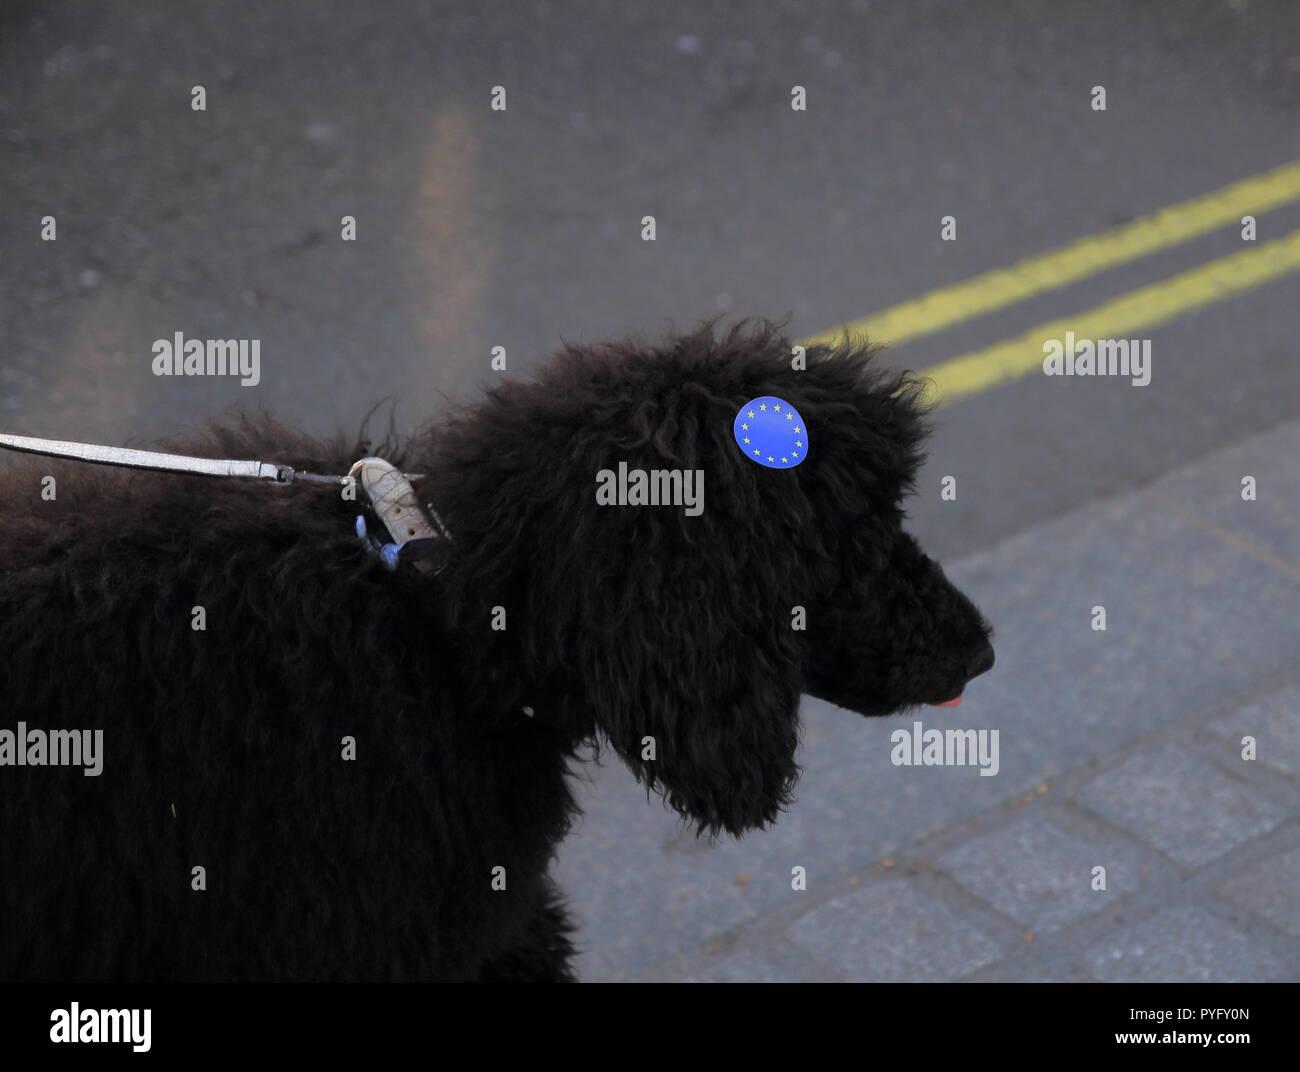 Schwarzer Hund mit blauen Europäischen Union Aufkleber Stockbild